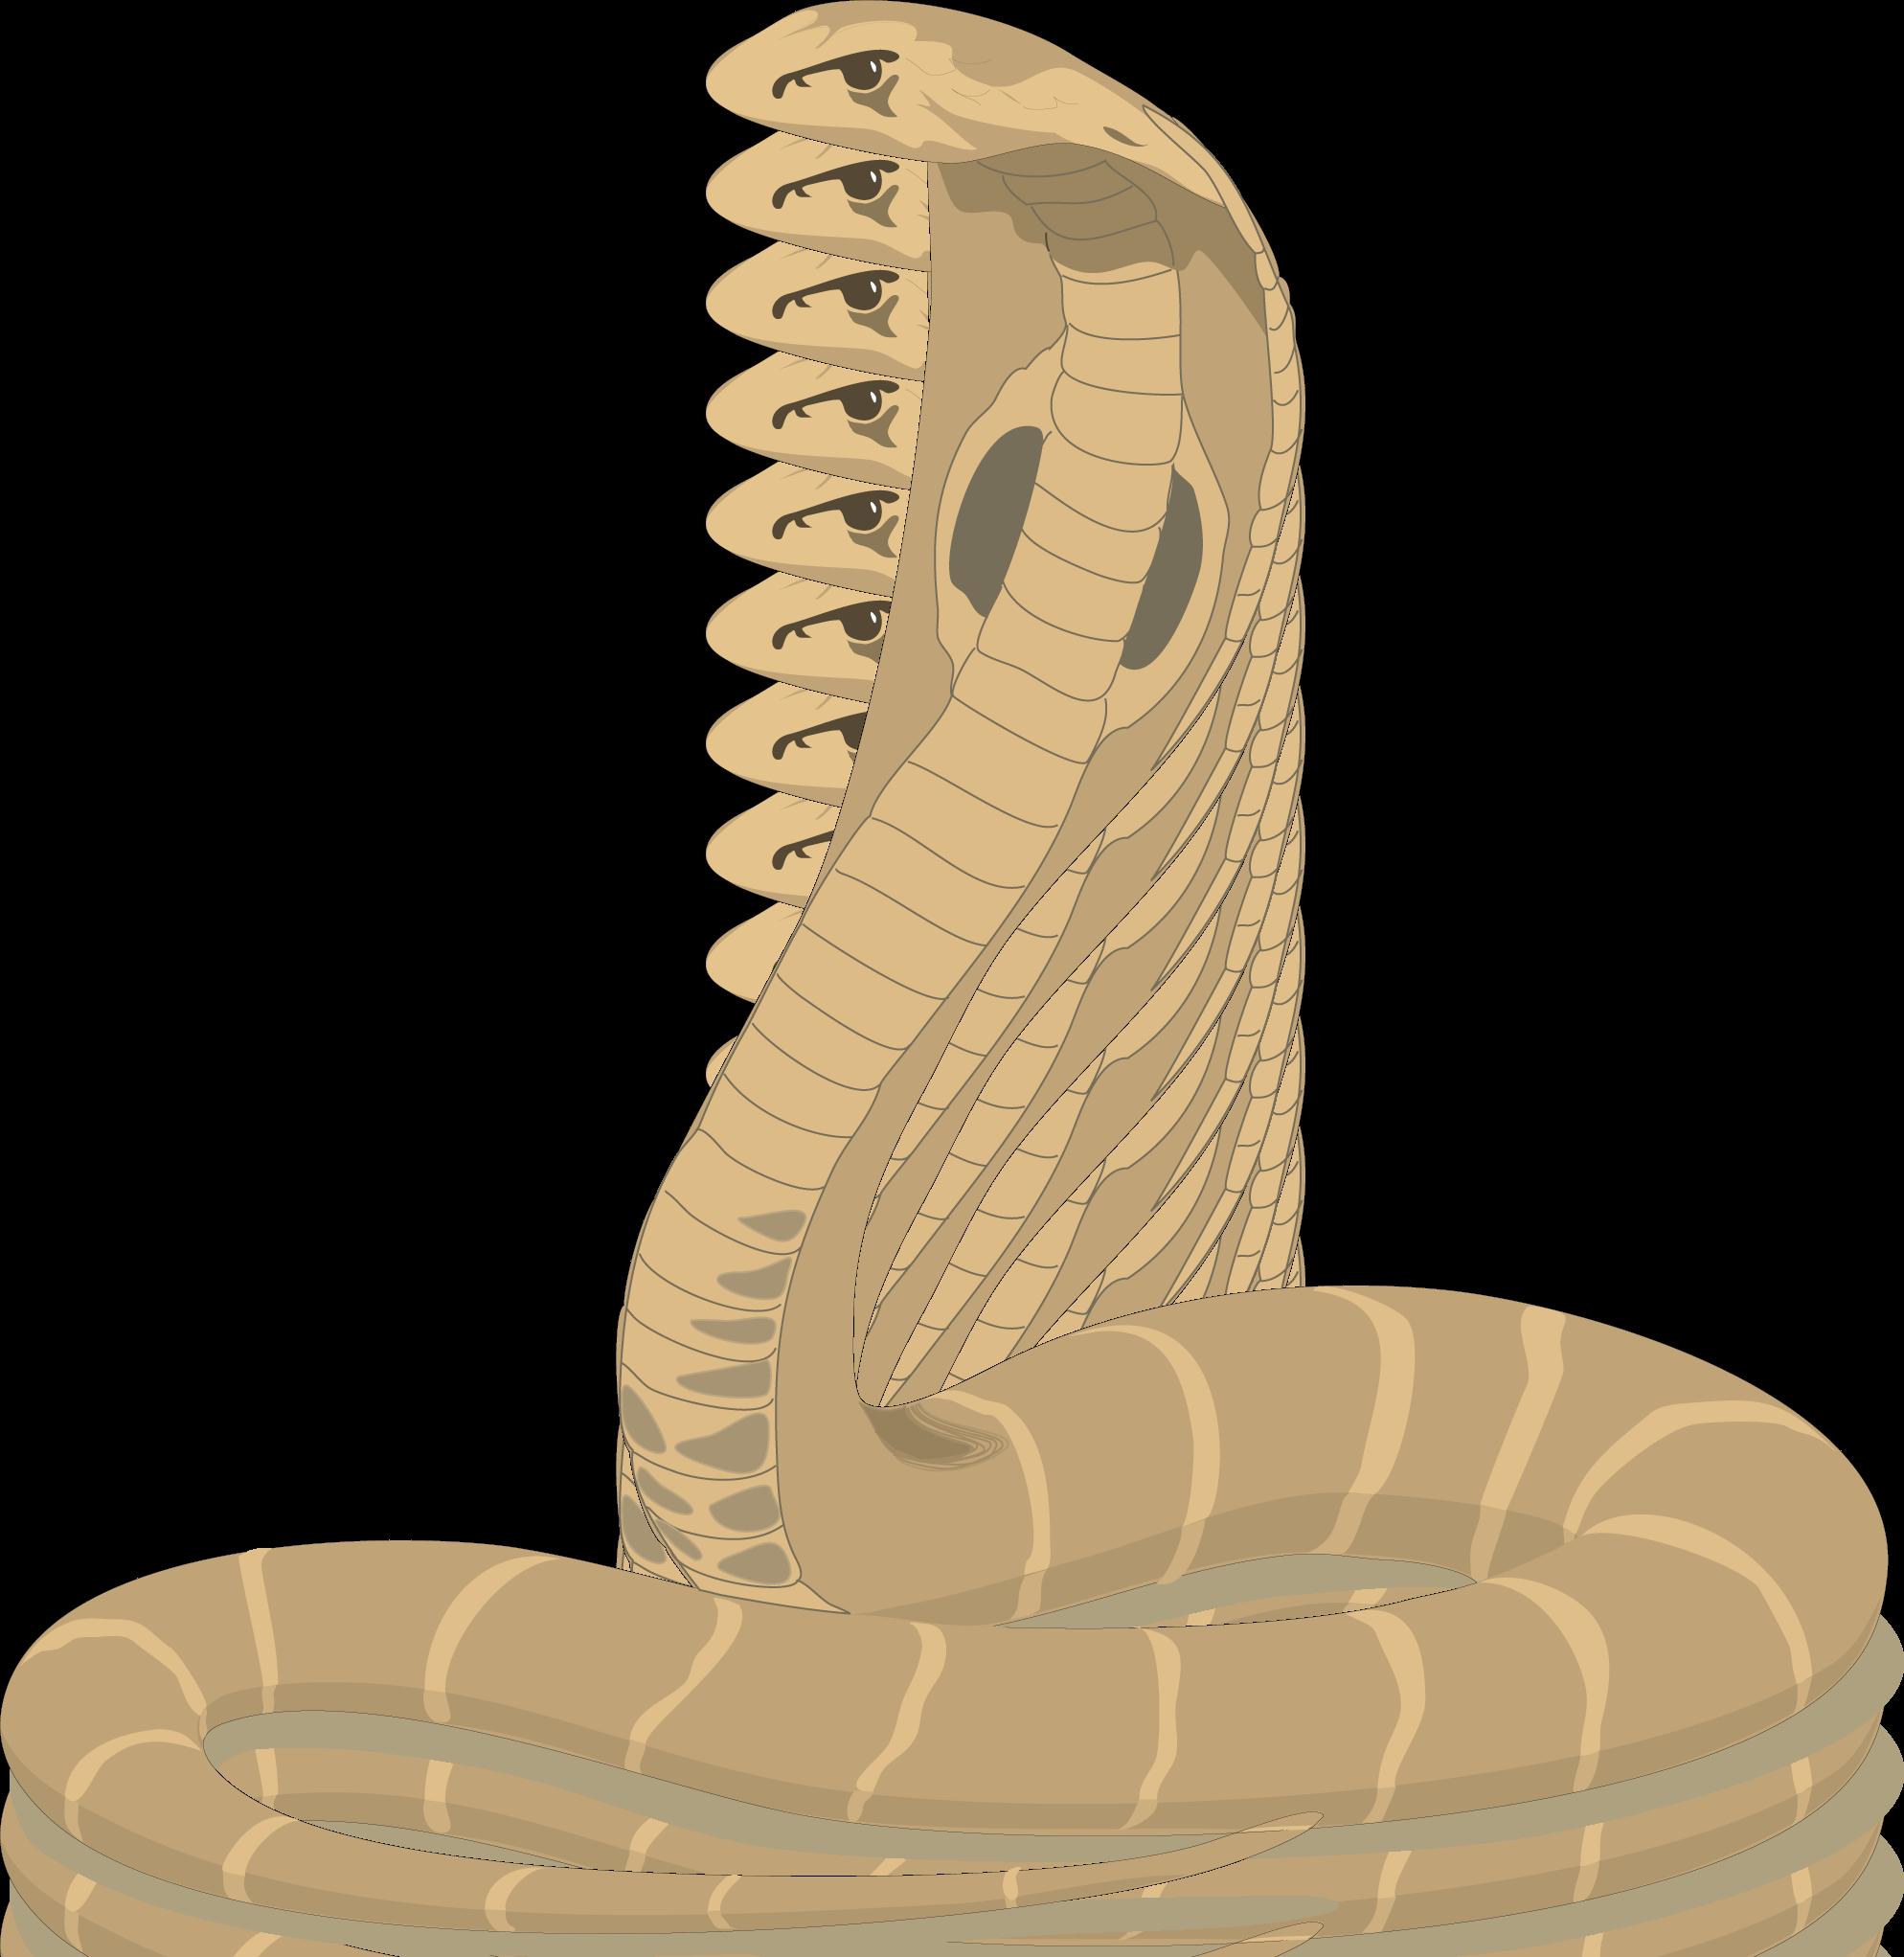 Free Cobra Cliparts, Download Free Clip Art, Free Clip Art.